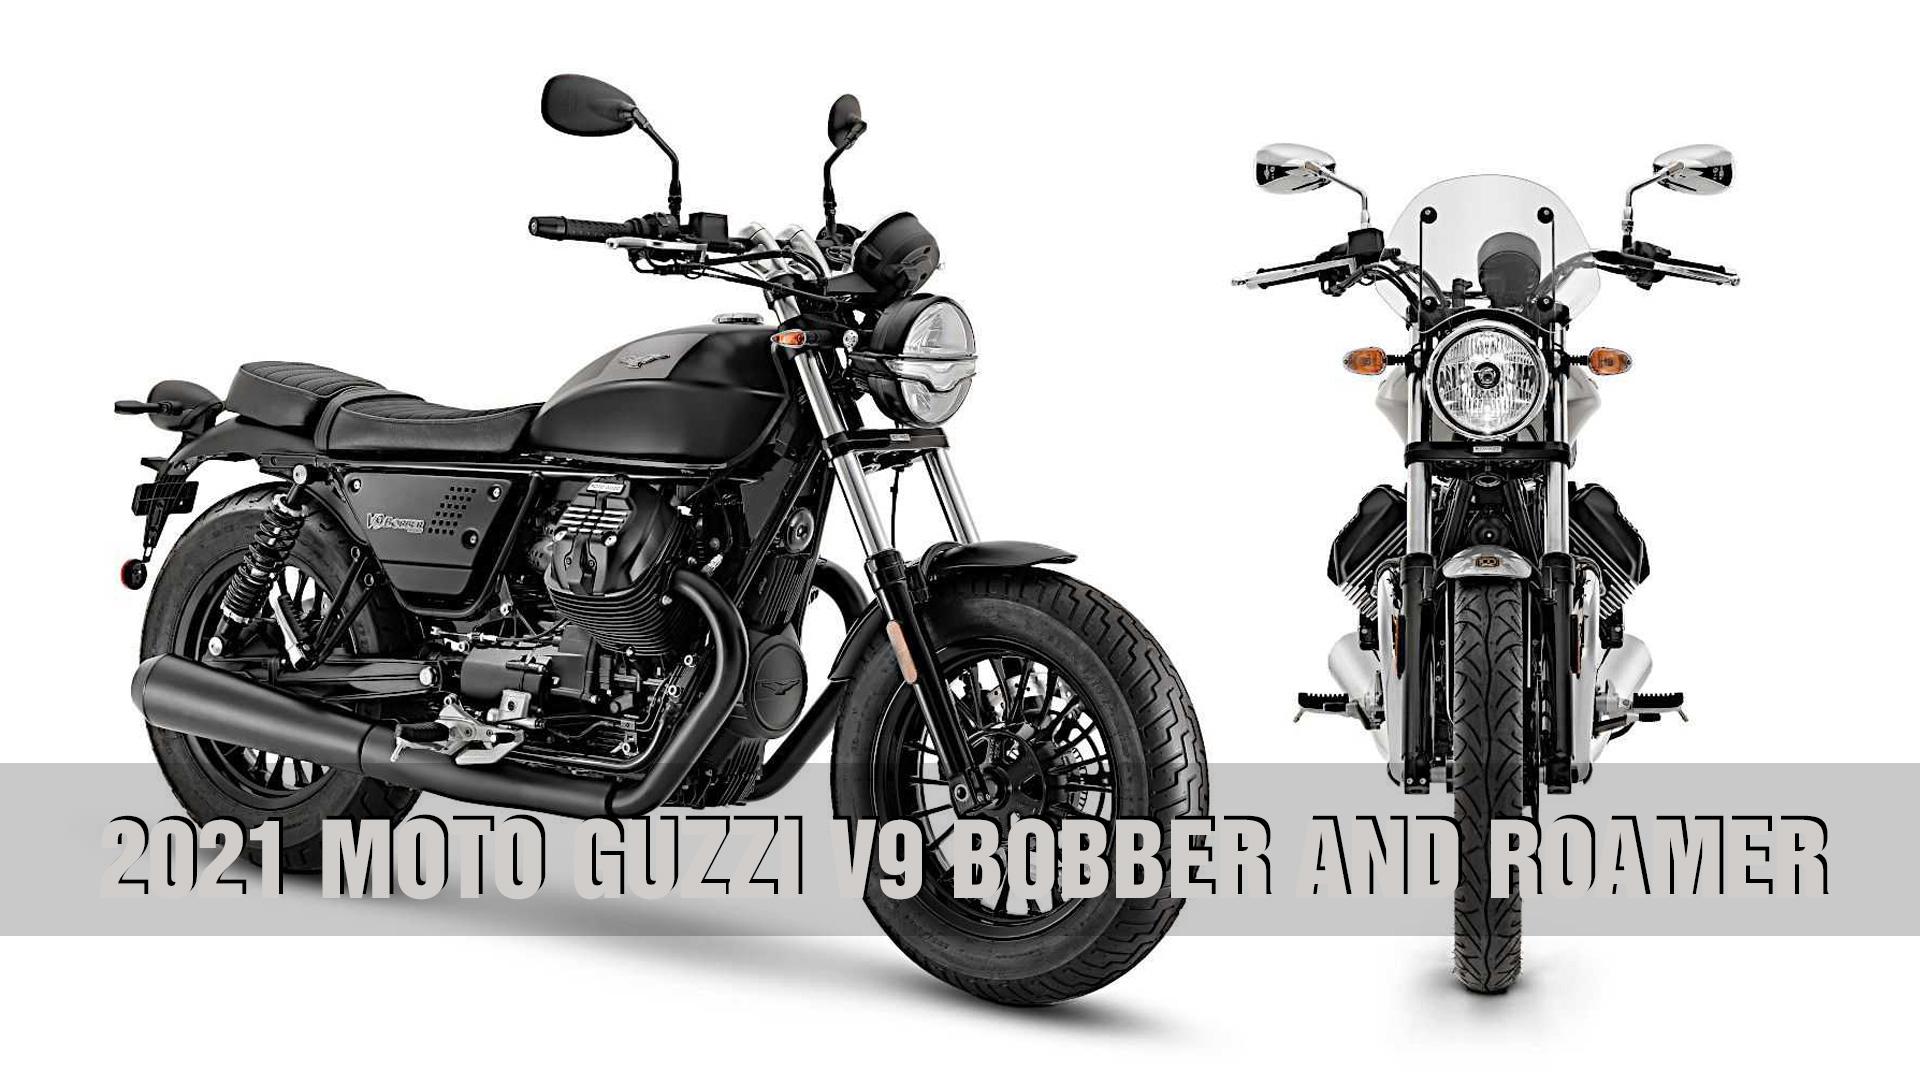 摩托古兹 Moto Guzzi「V9 Bobber/Roamer」改款亮相!-第1张图片-春风行摩托车之家